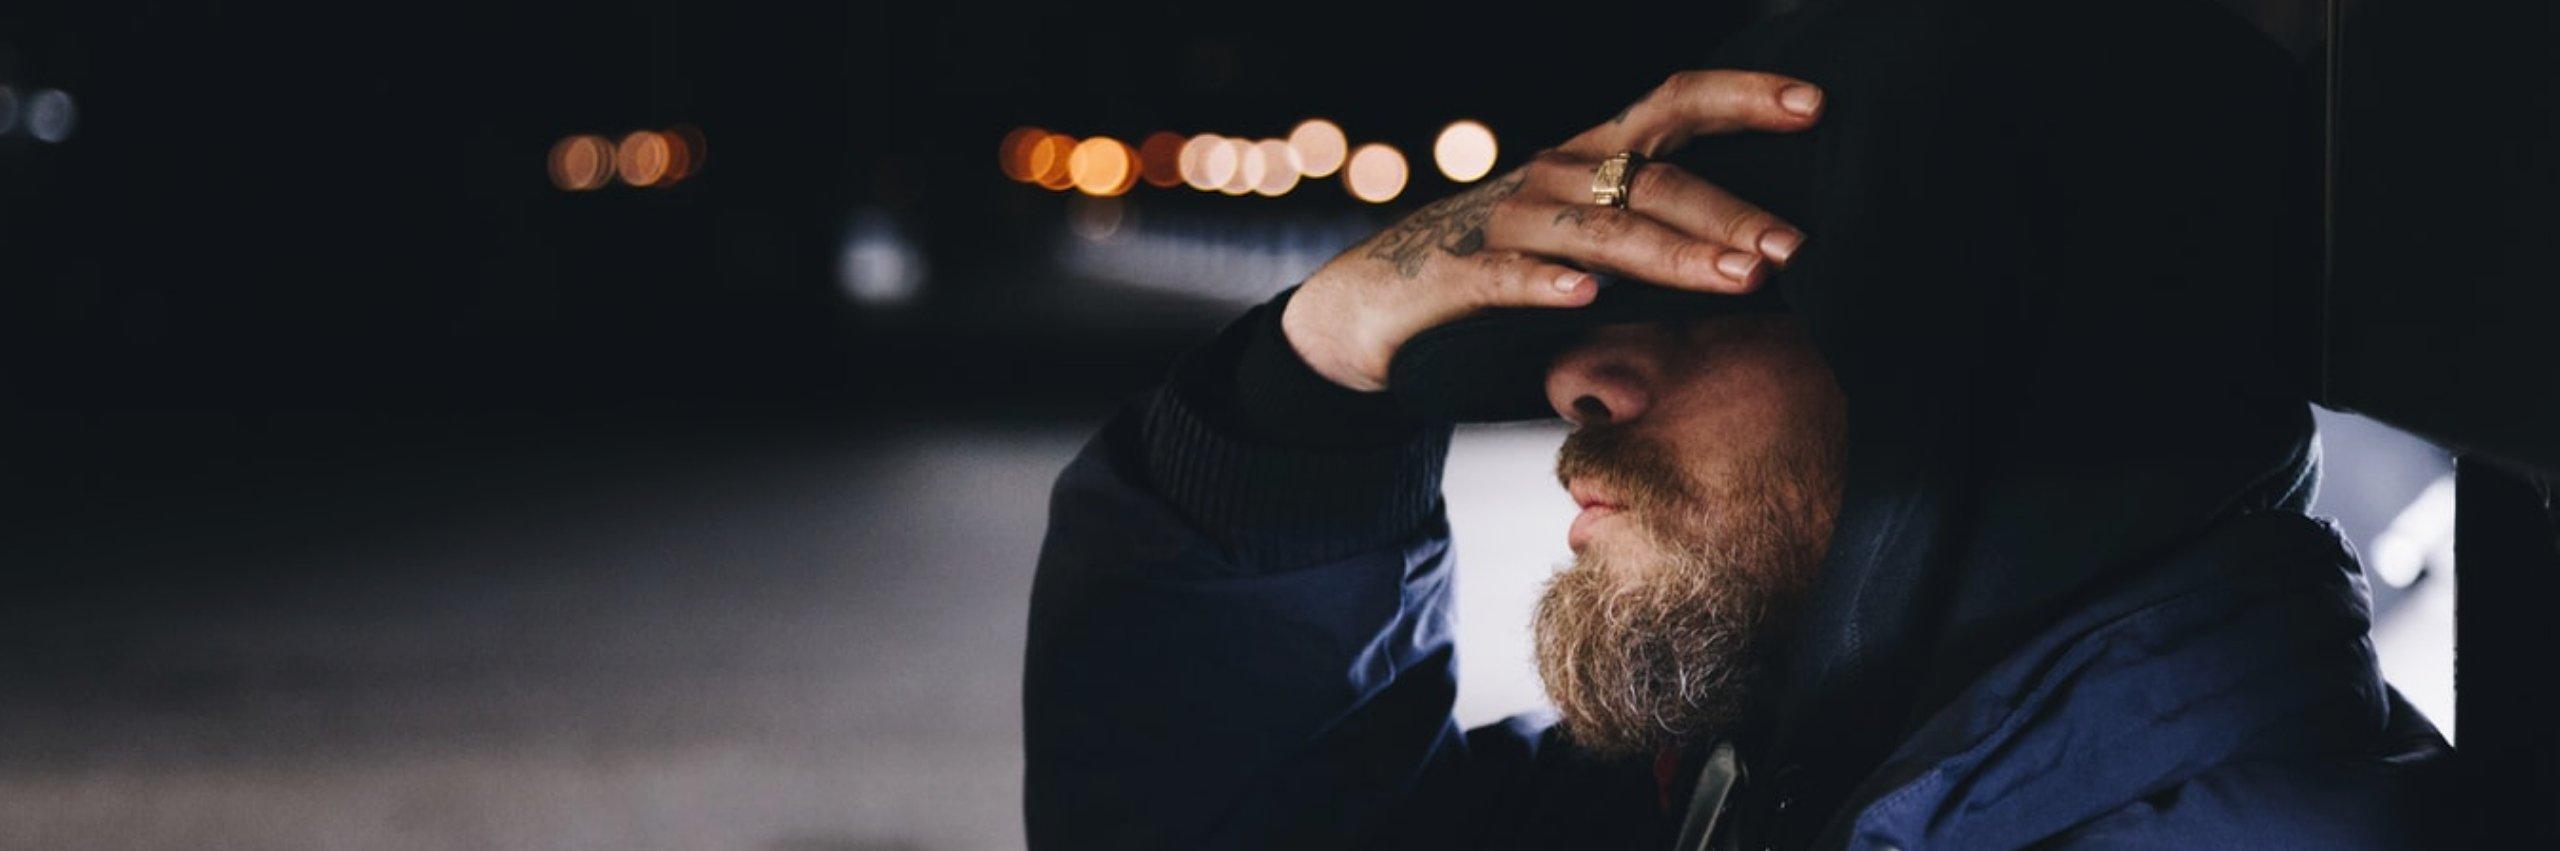 CBD y depresion